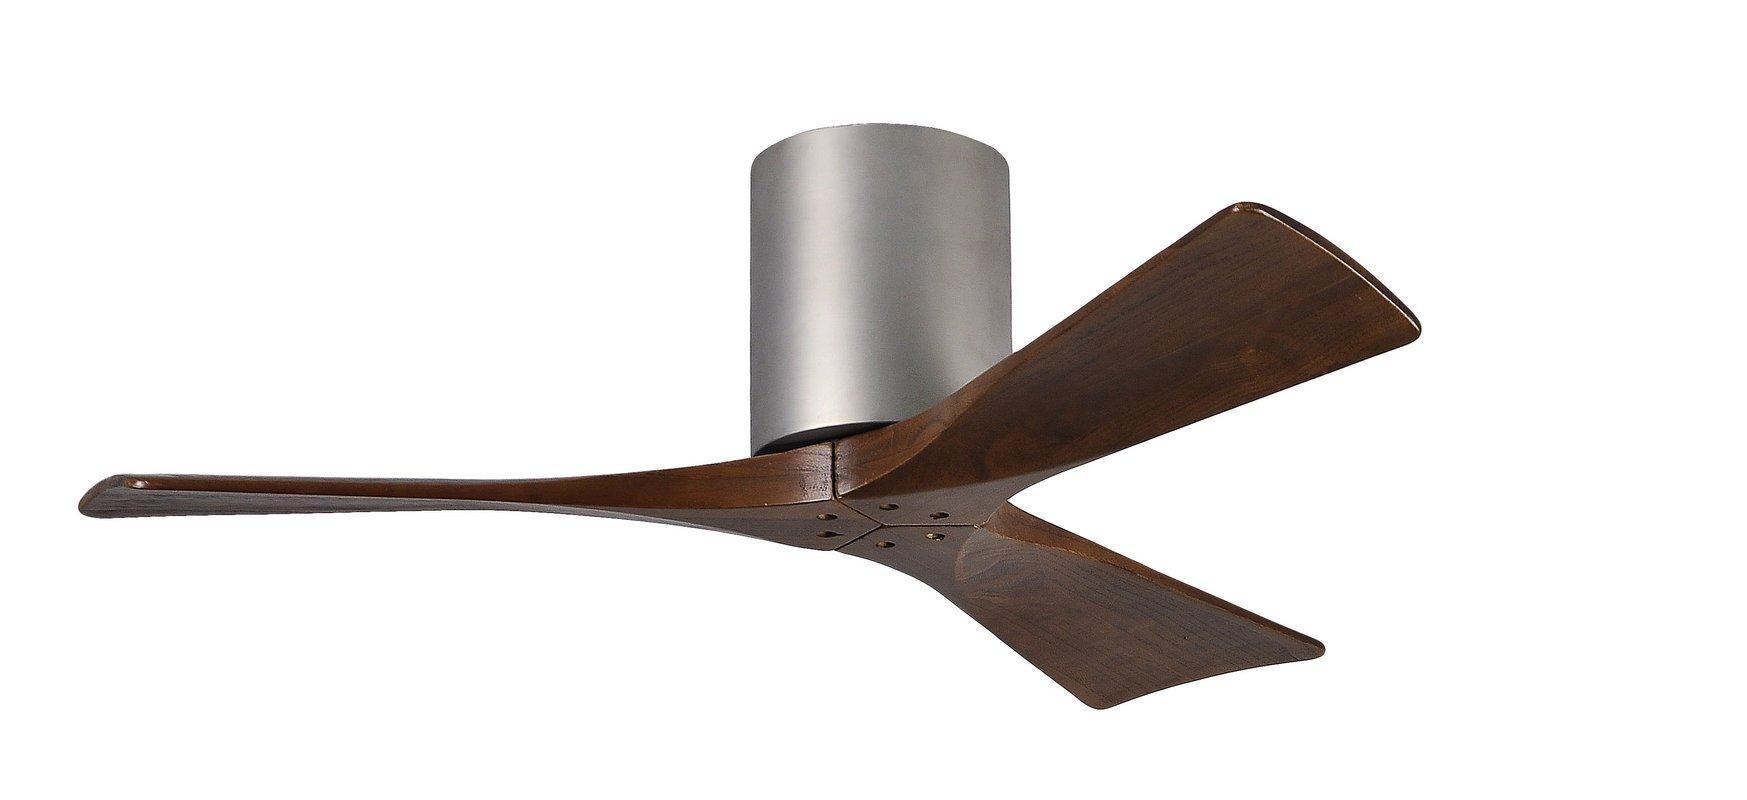 Matthews Fan Company IR3H-BN-42 42'' Ceiling Fan by Mathews Fan Company